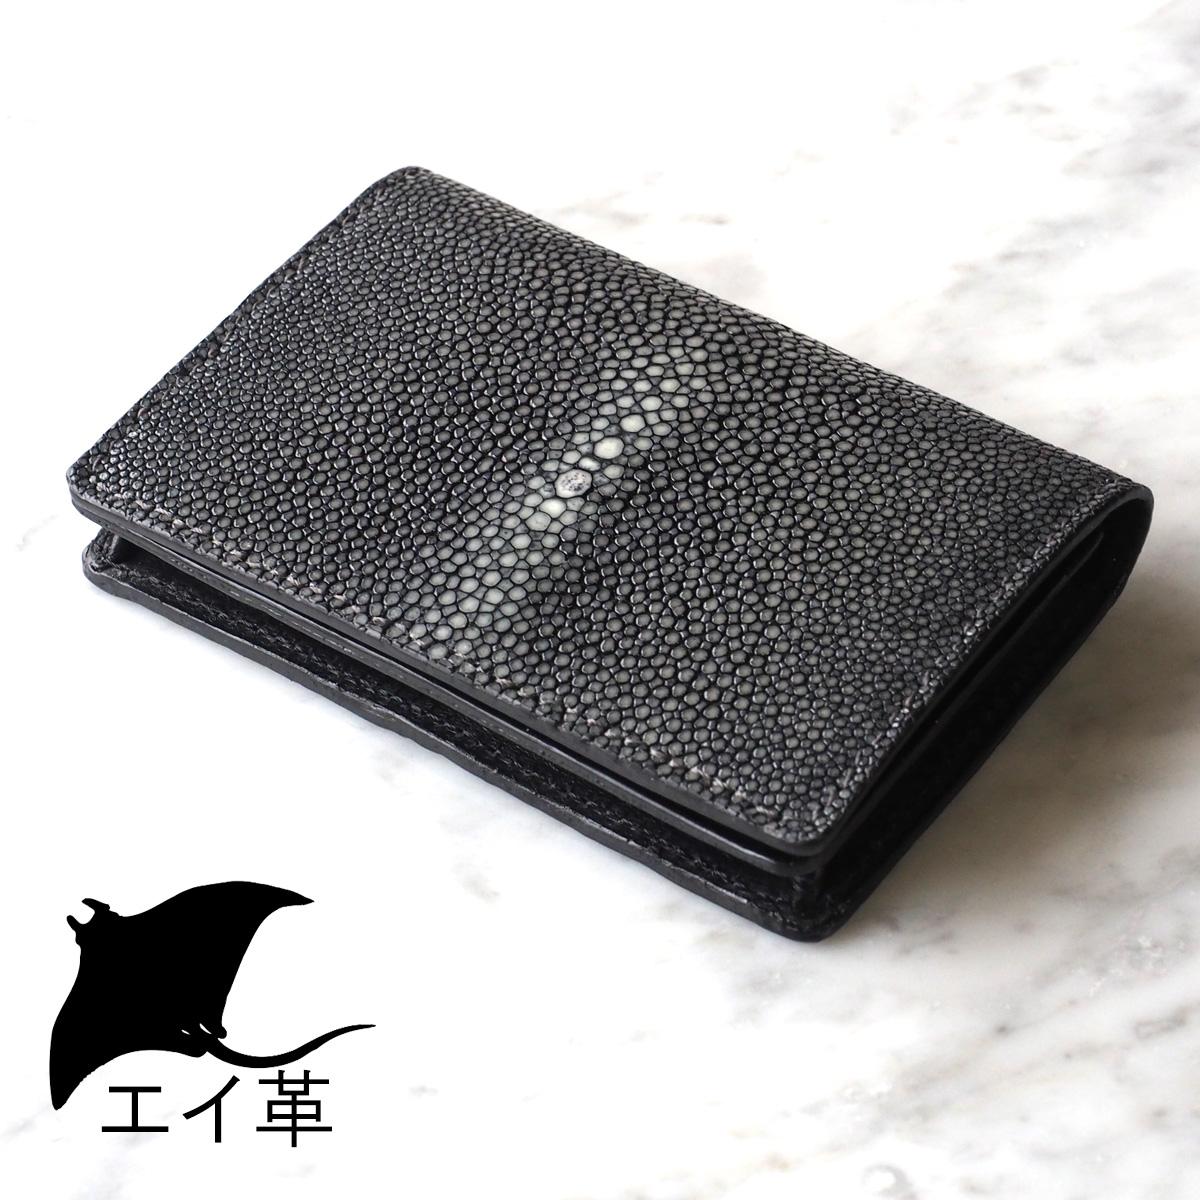 ZOO(ズー) エイ革 フォックスカードケース15 カード入れ・名刺入れ ブラック [Z-ZC-023-BK]